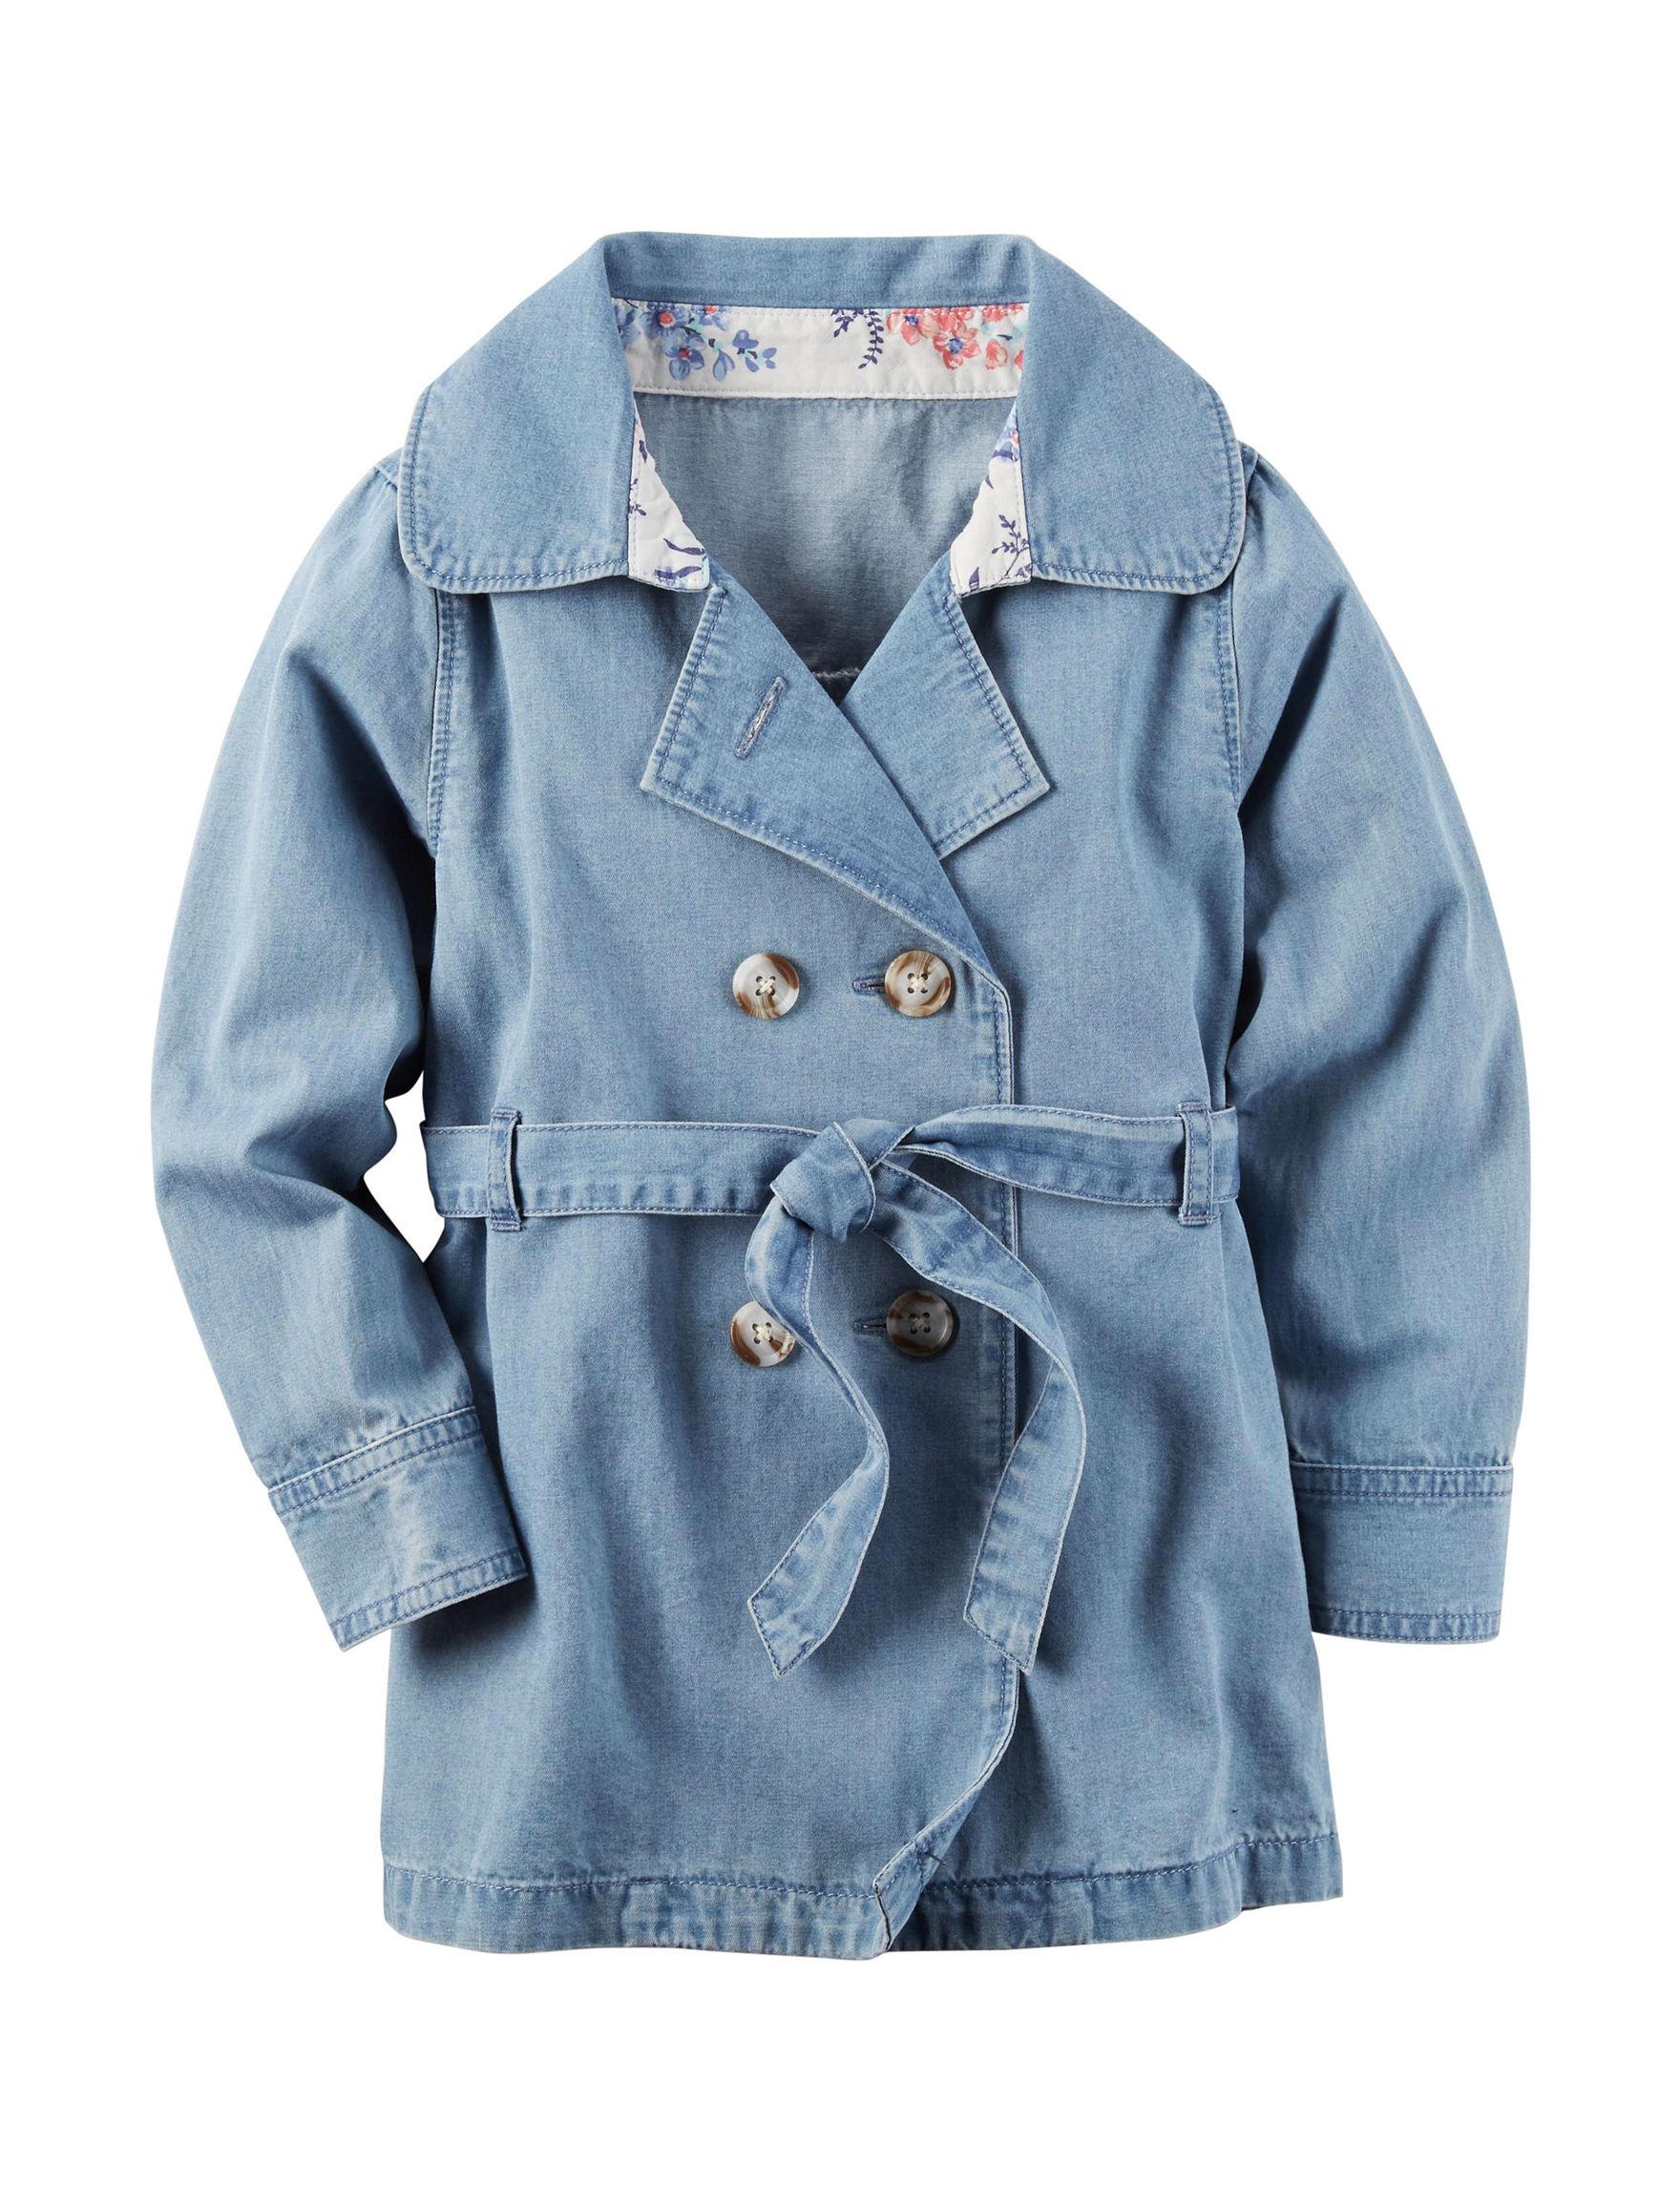 Carter's Denim Fleece & Soft Shell Jackets